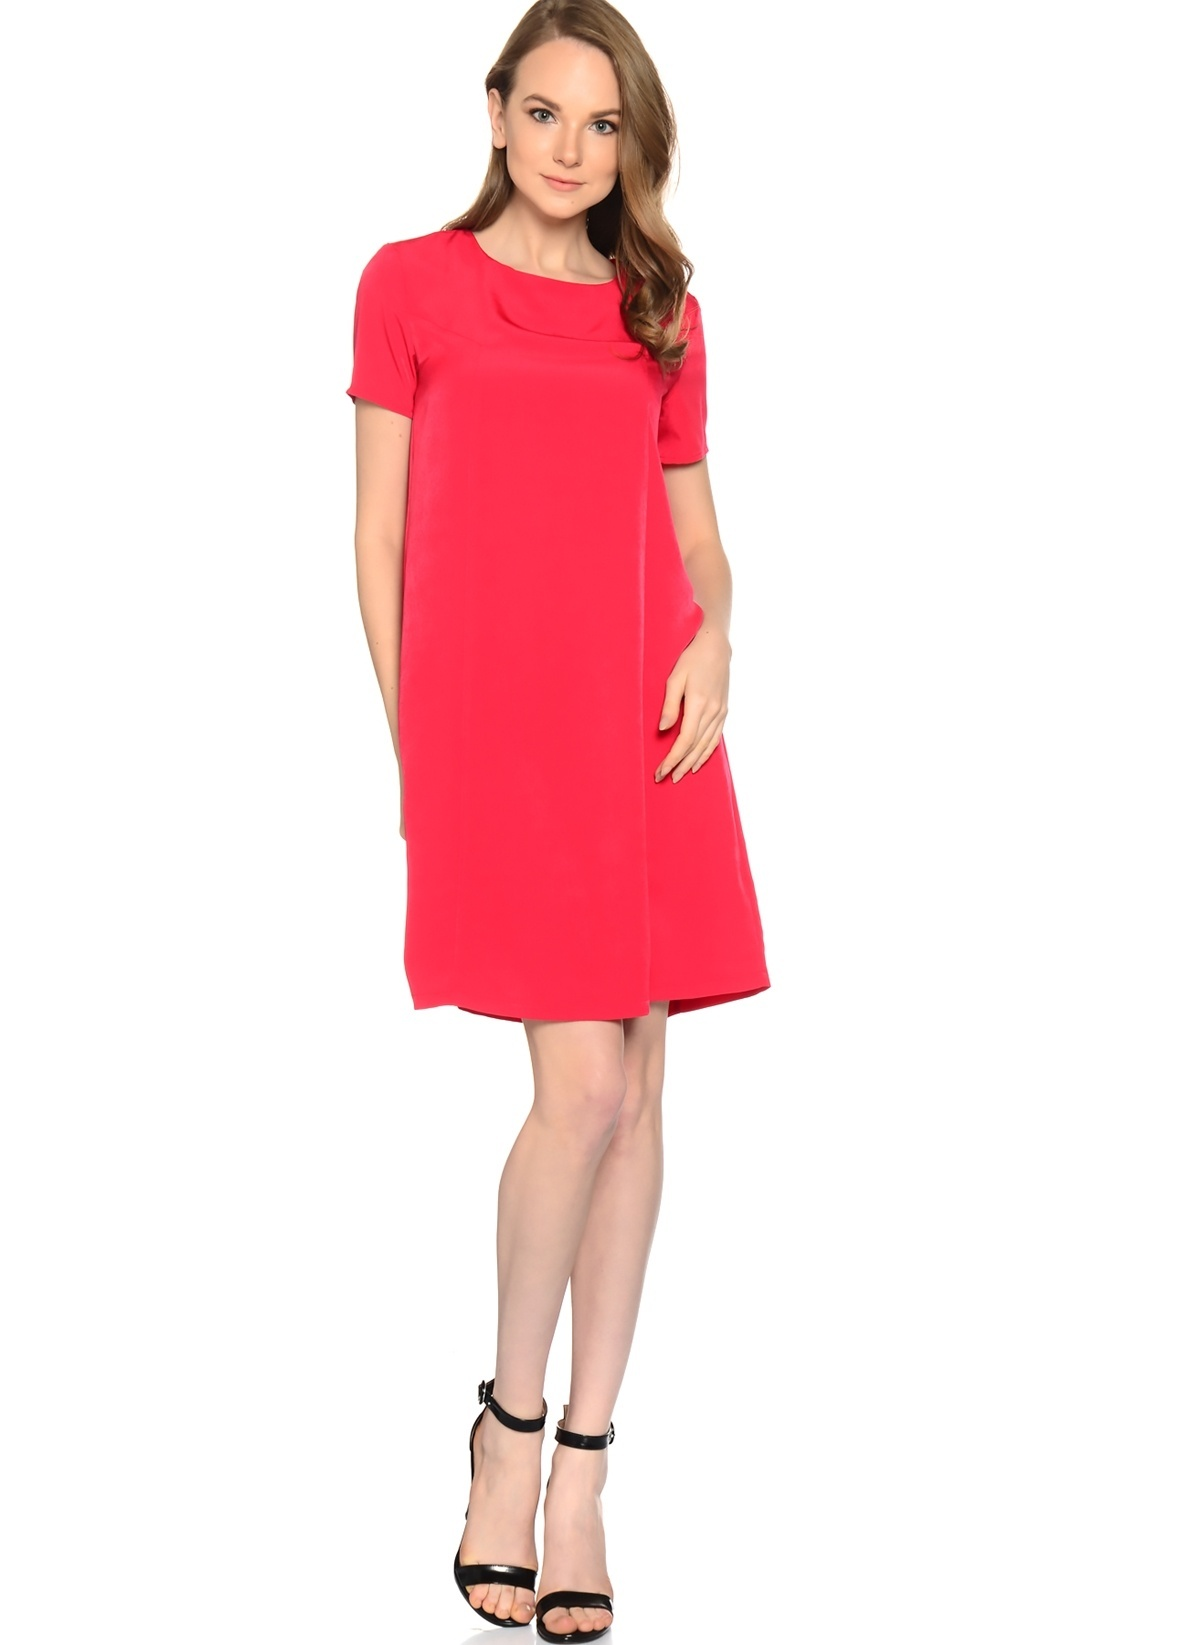 44c4ff7996add Limon Company Kadın Kısa Kollu Düz Elbise Kırmızı   Morhipo   18892525